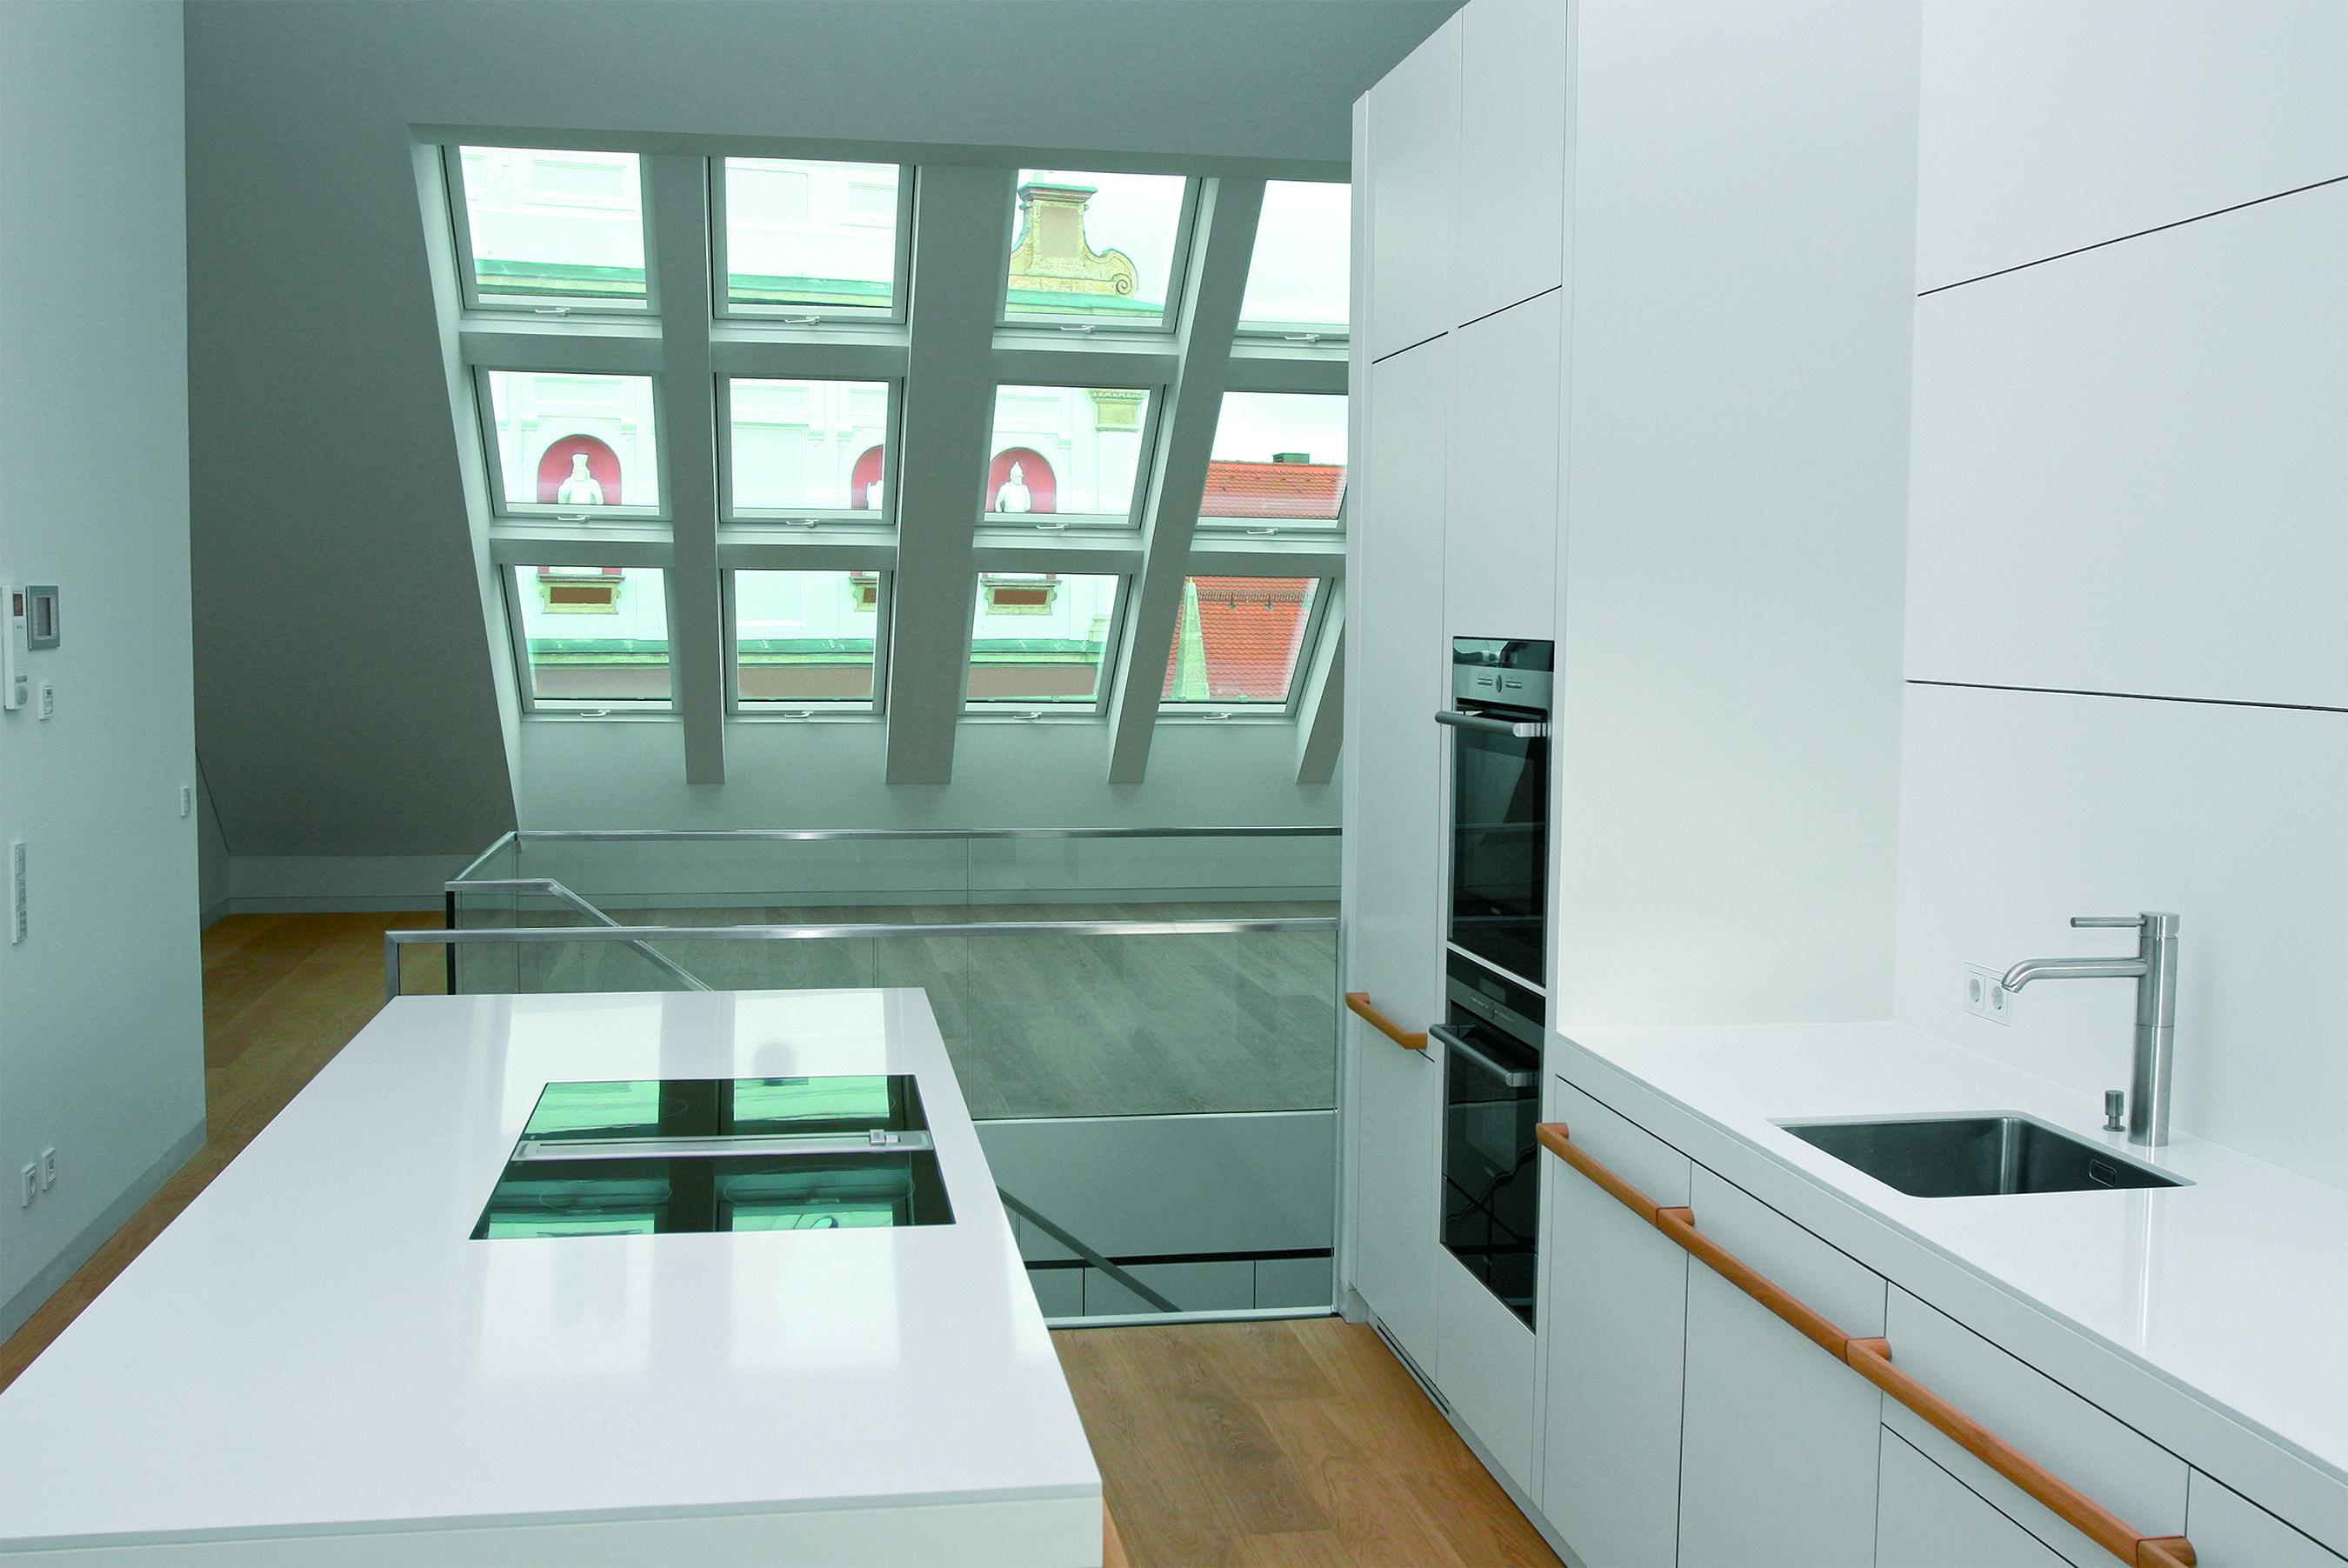 Design contemporaneo per nuova finestra ftu v a bilico con sistema di ventilazione serramenti - Finestra a bilico ...